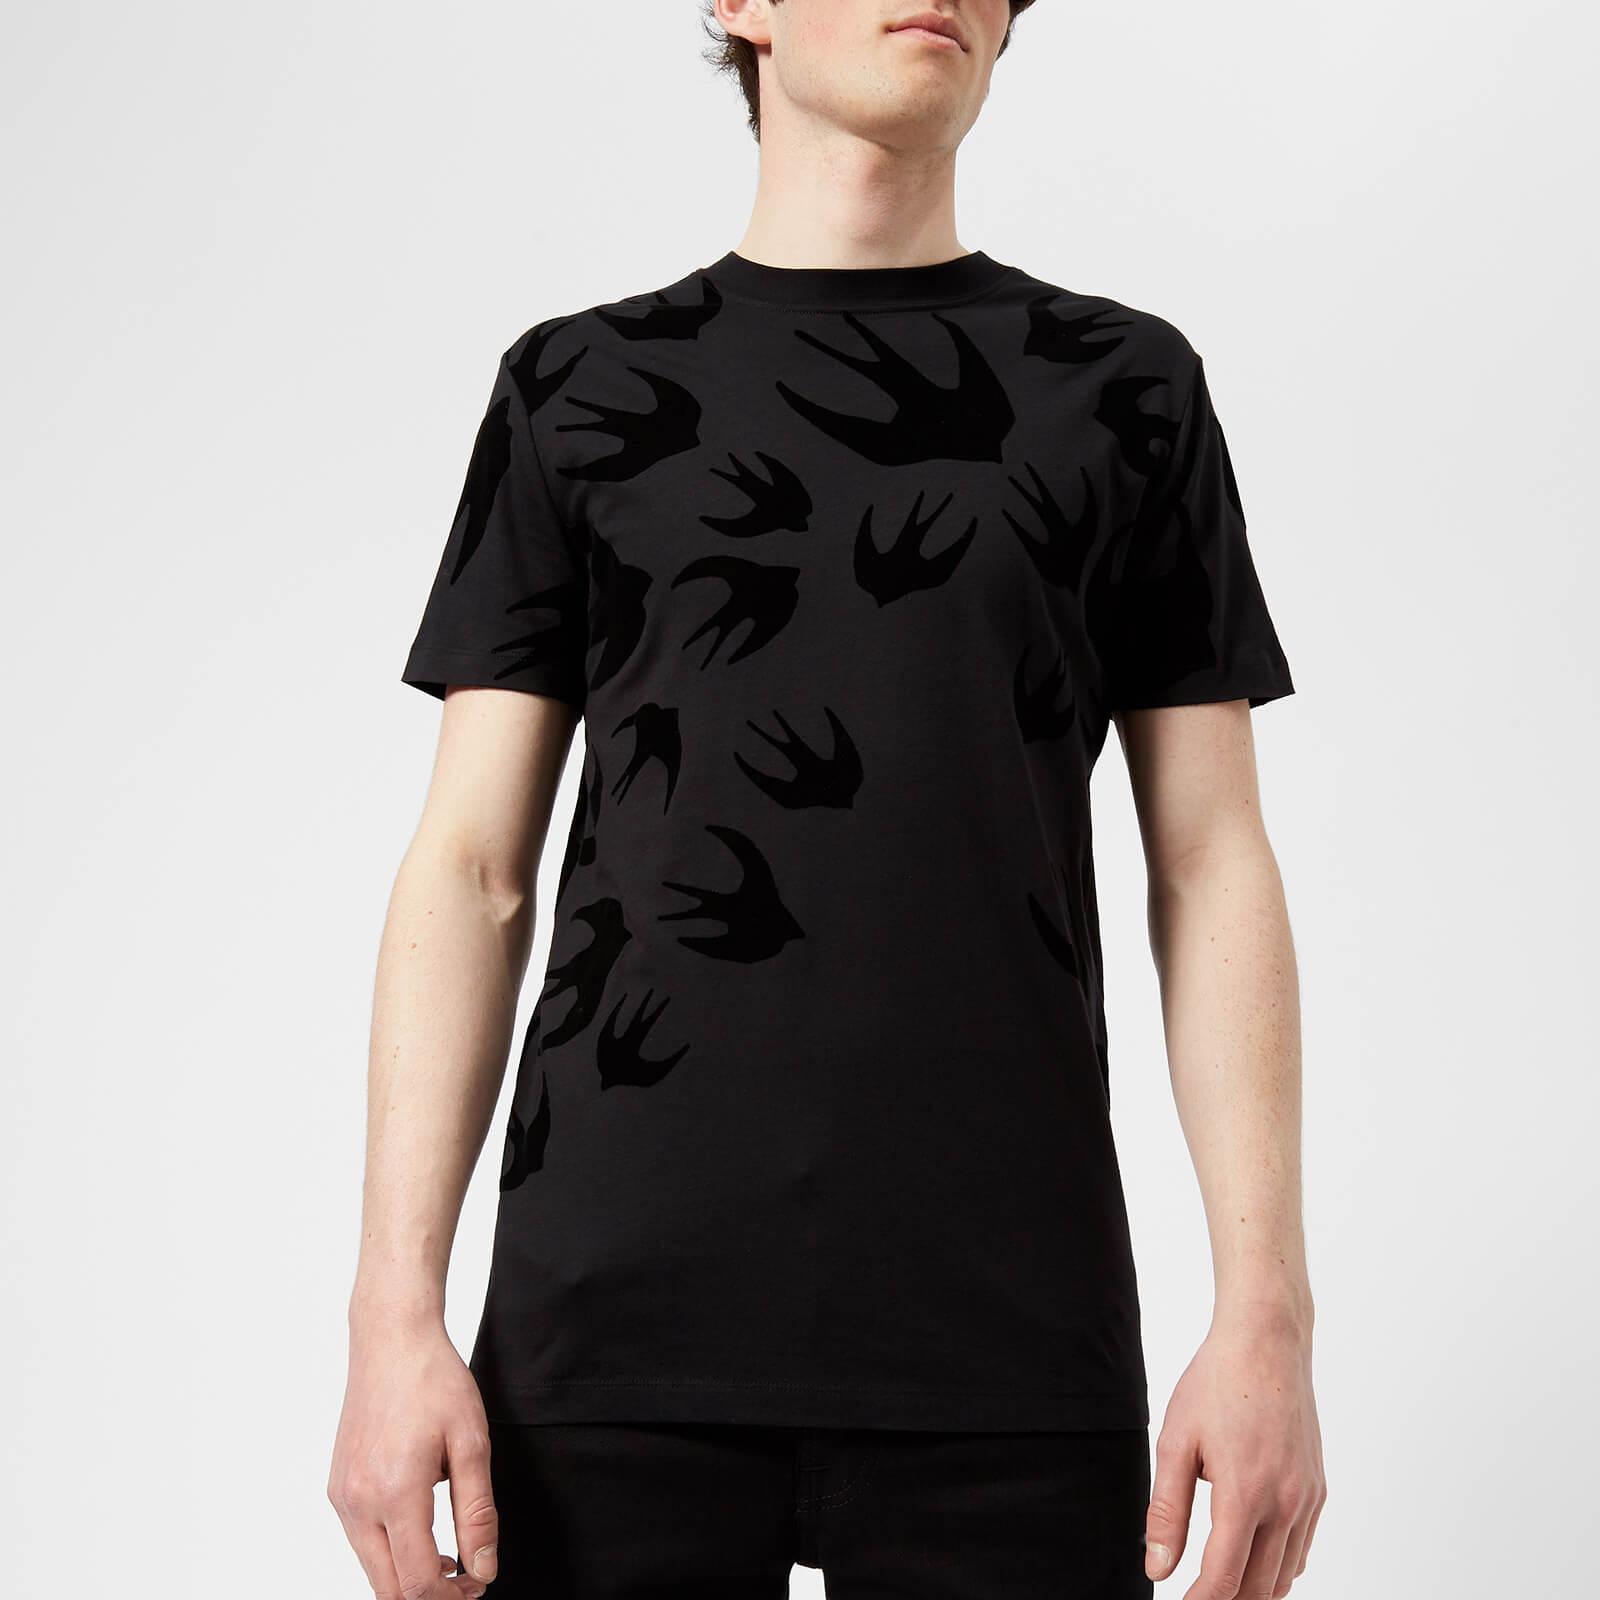 8a36d07ec8d McQ Alexander McQueen Men s All Over Swallow T-Shirt - Darkest Black ...